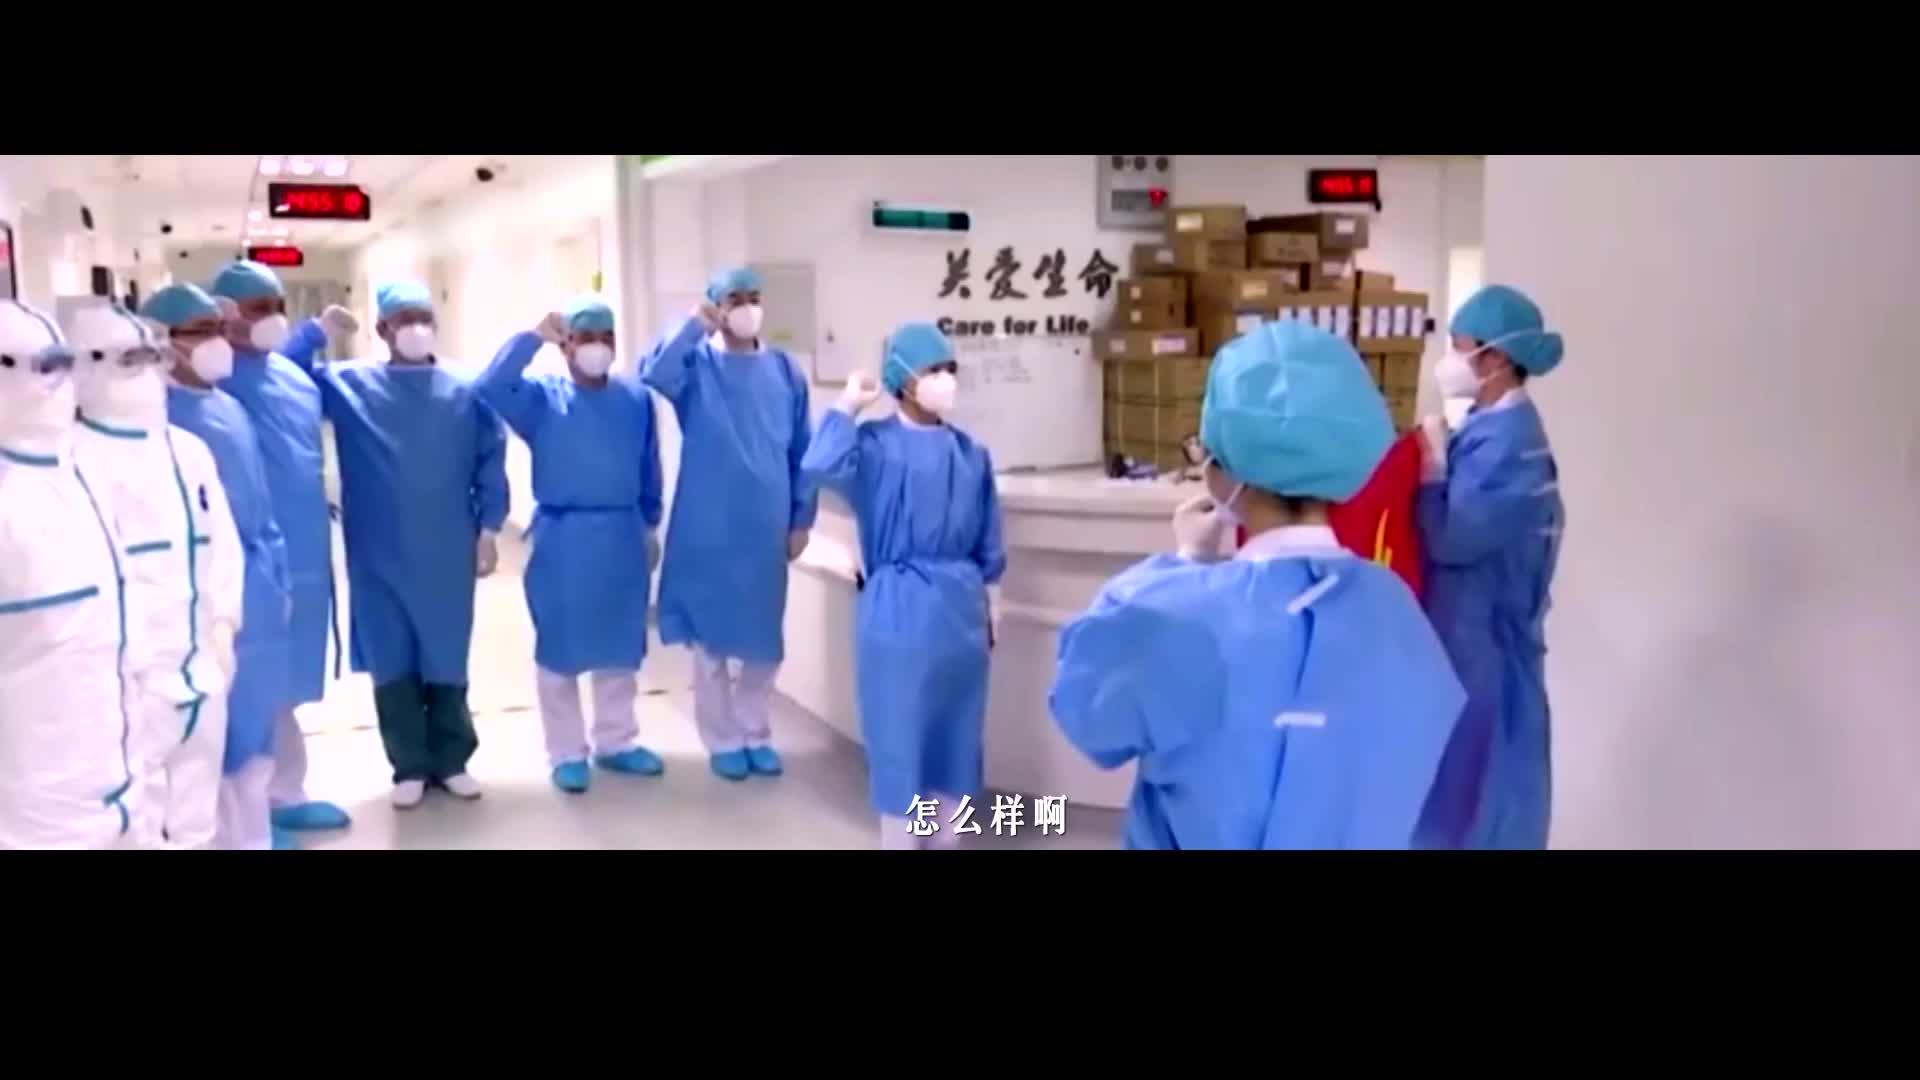 【疫情之下有真情】公益MV 《不是不见 生命永远 》